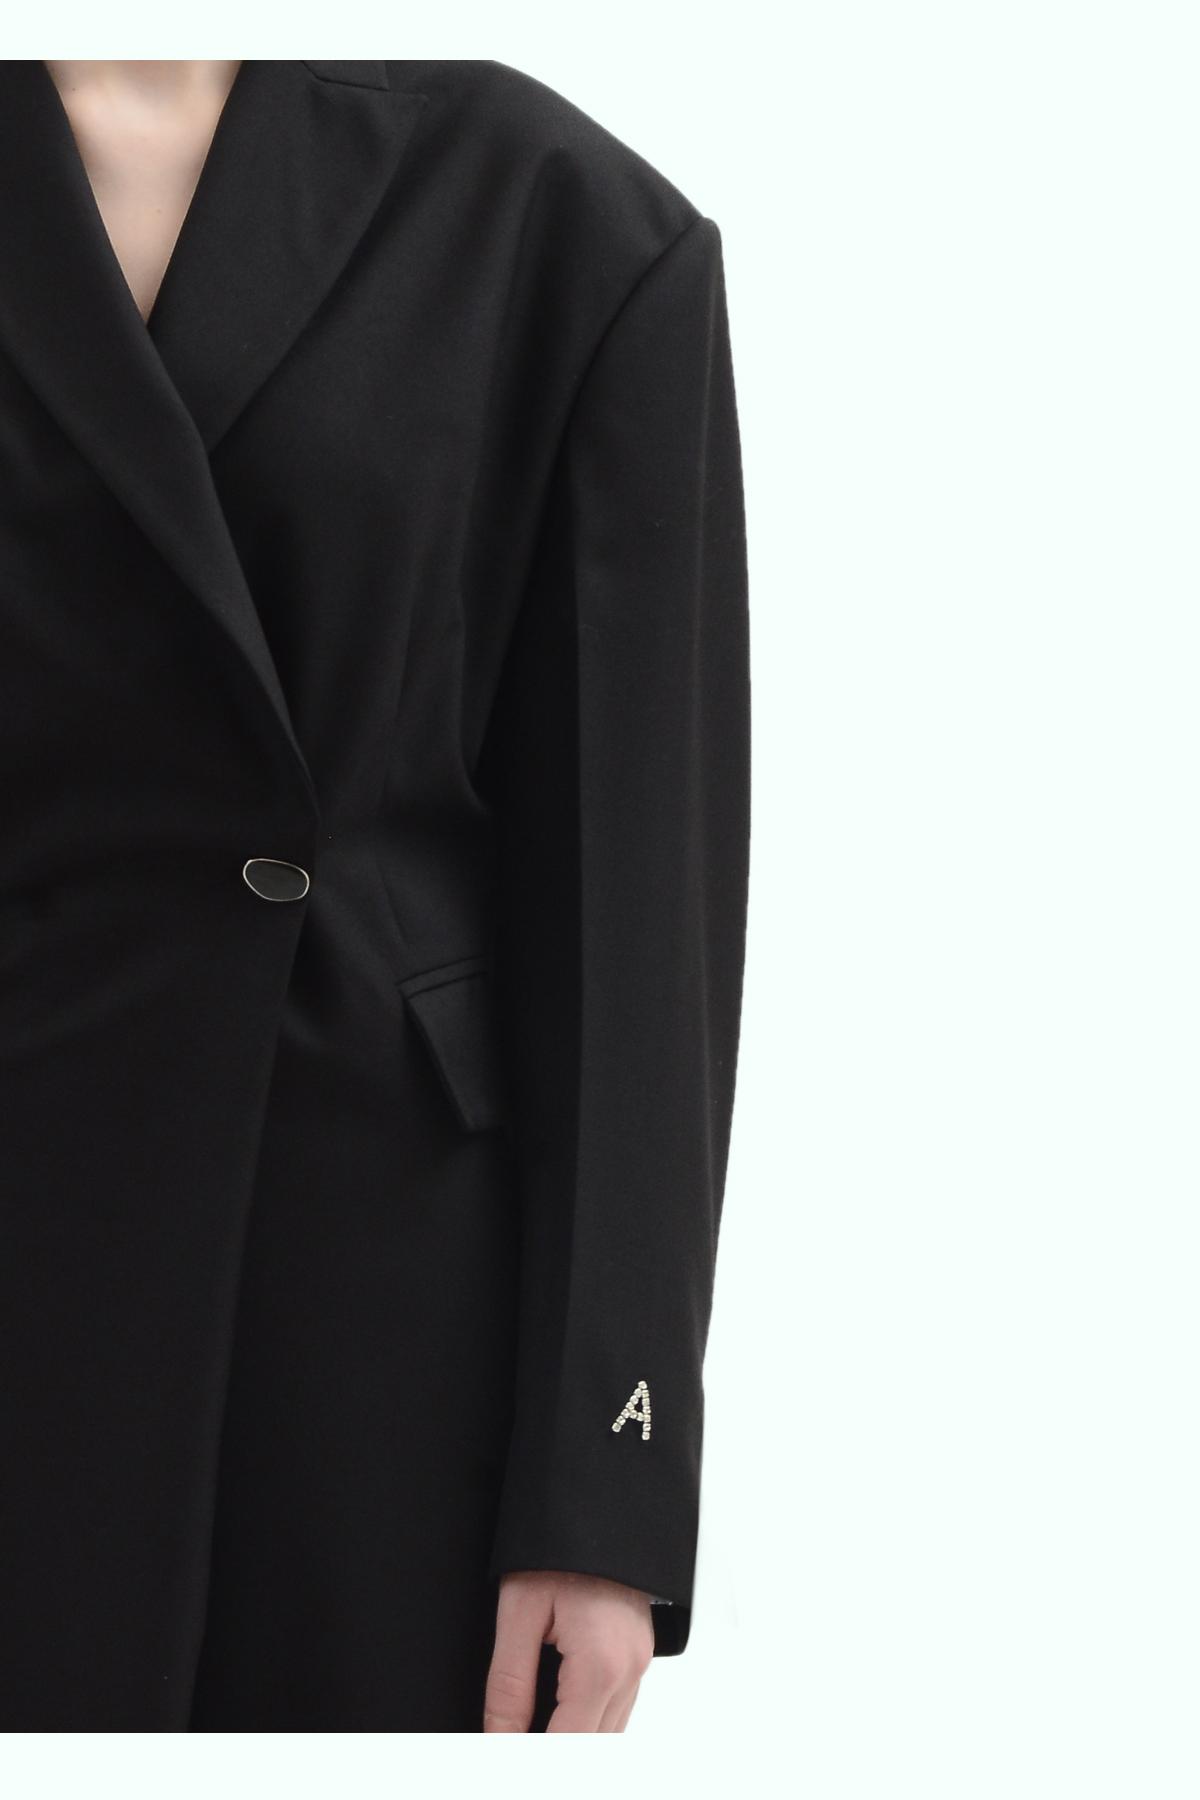 Black wool blazer double brest dress 3